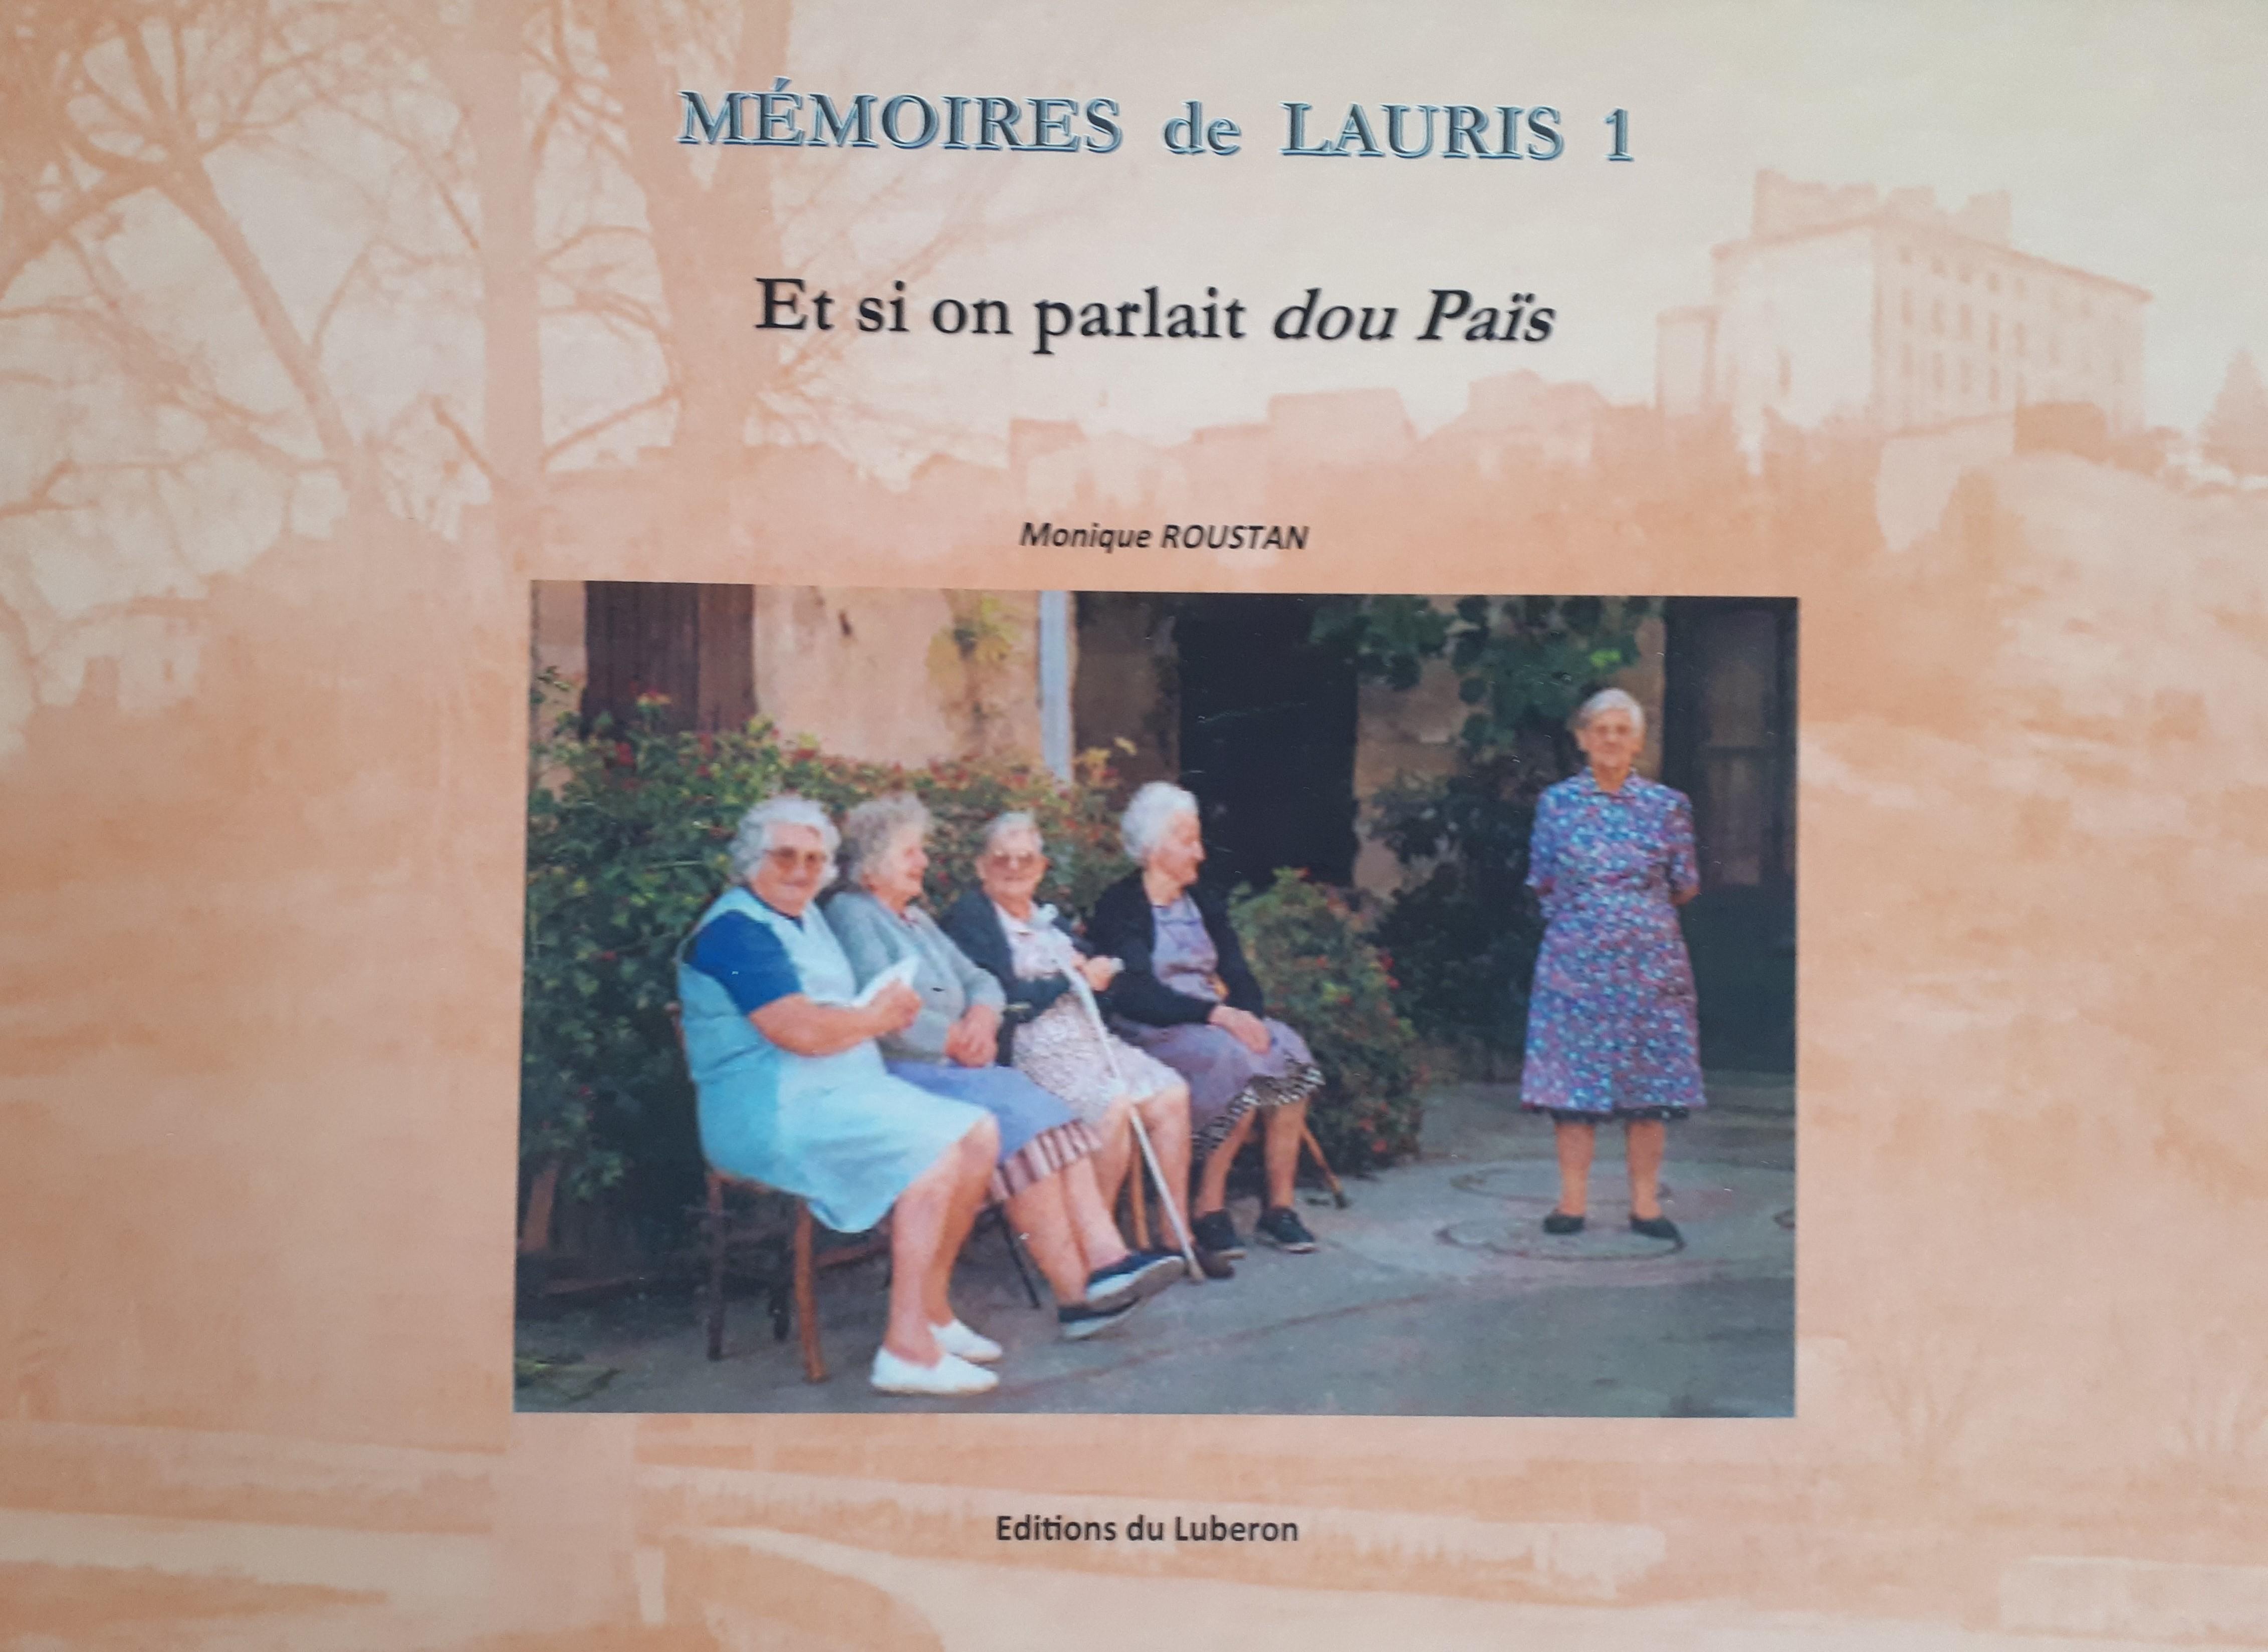 livre Monique Roustan Mémoires de Lauris 1